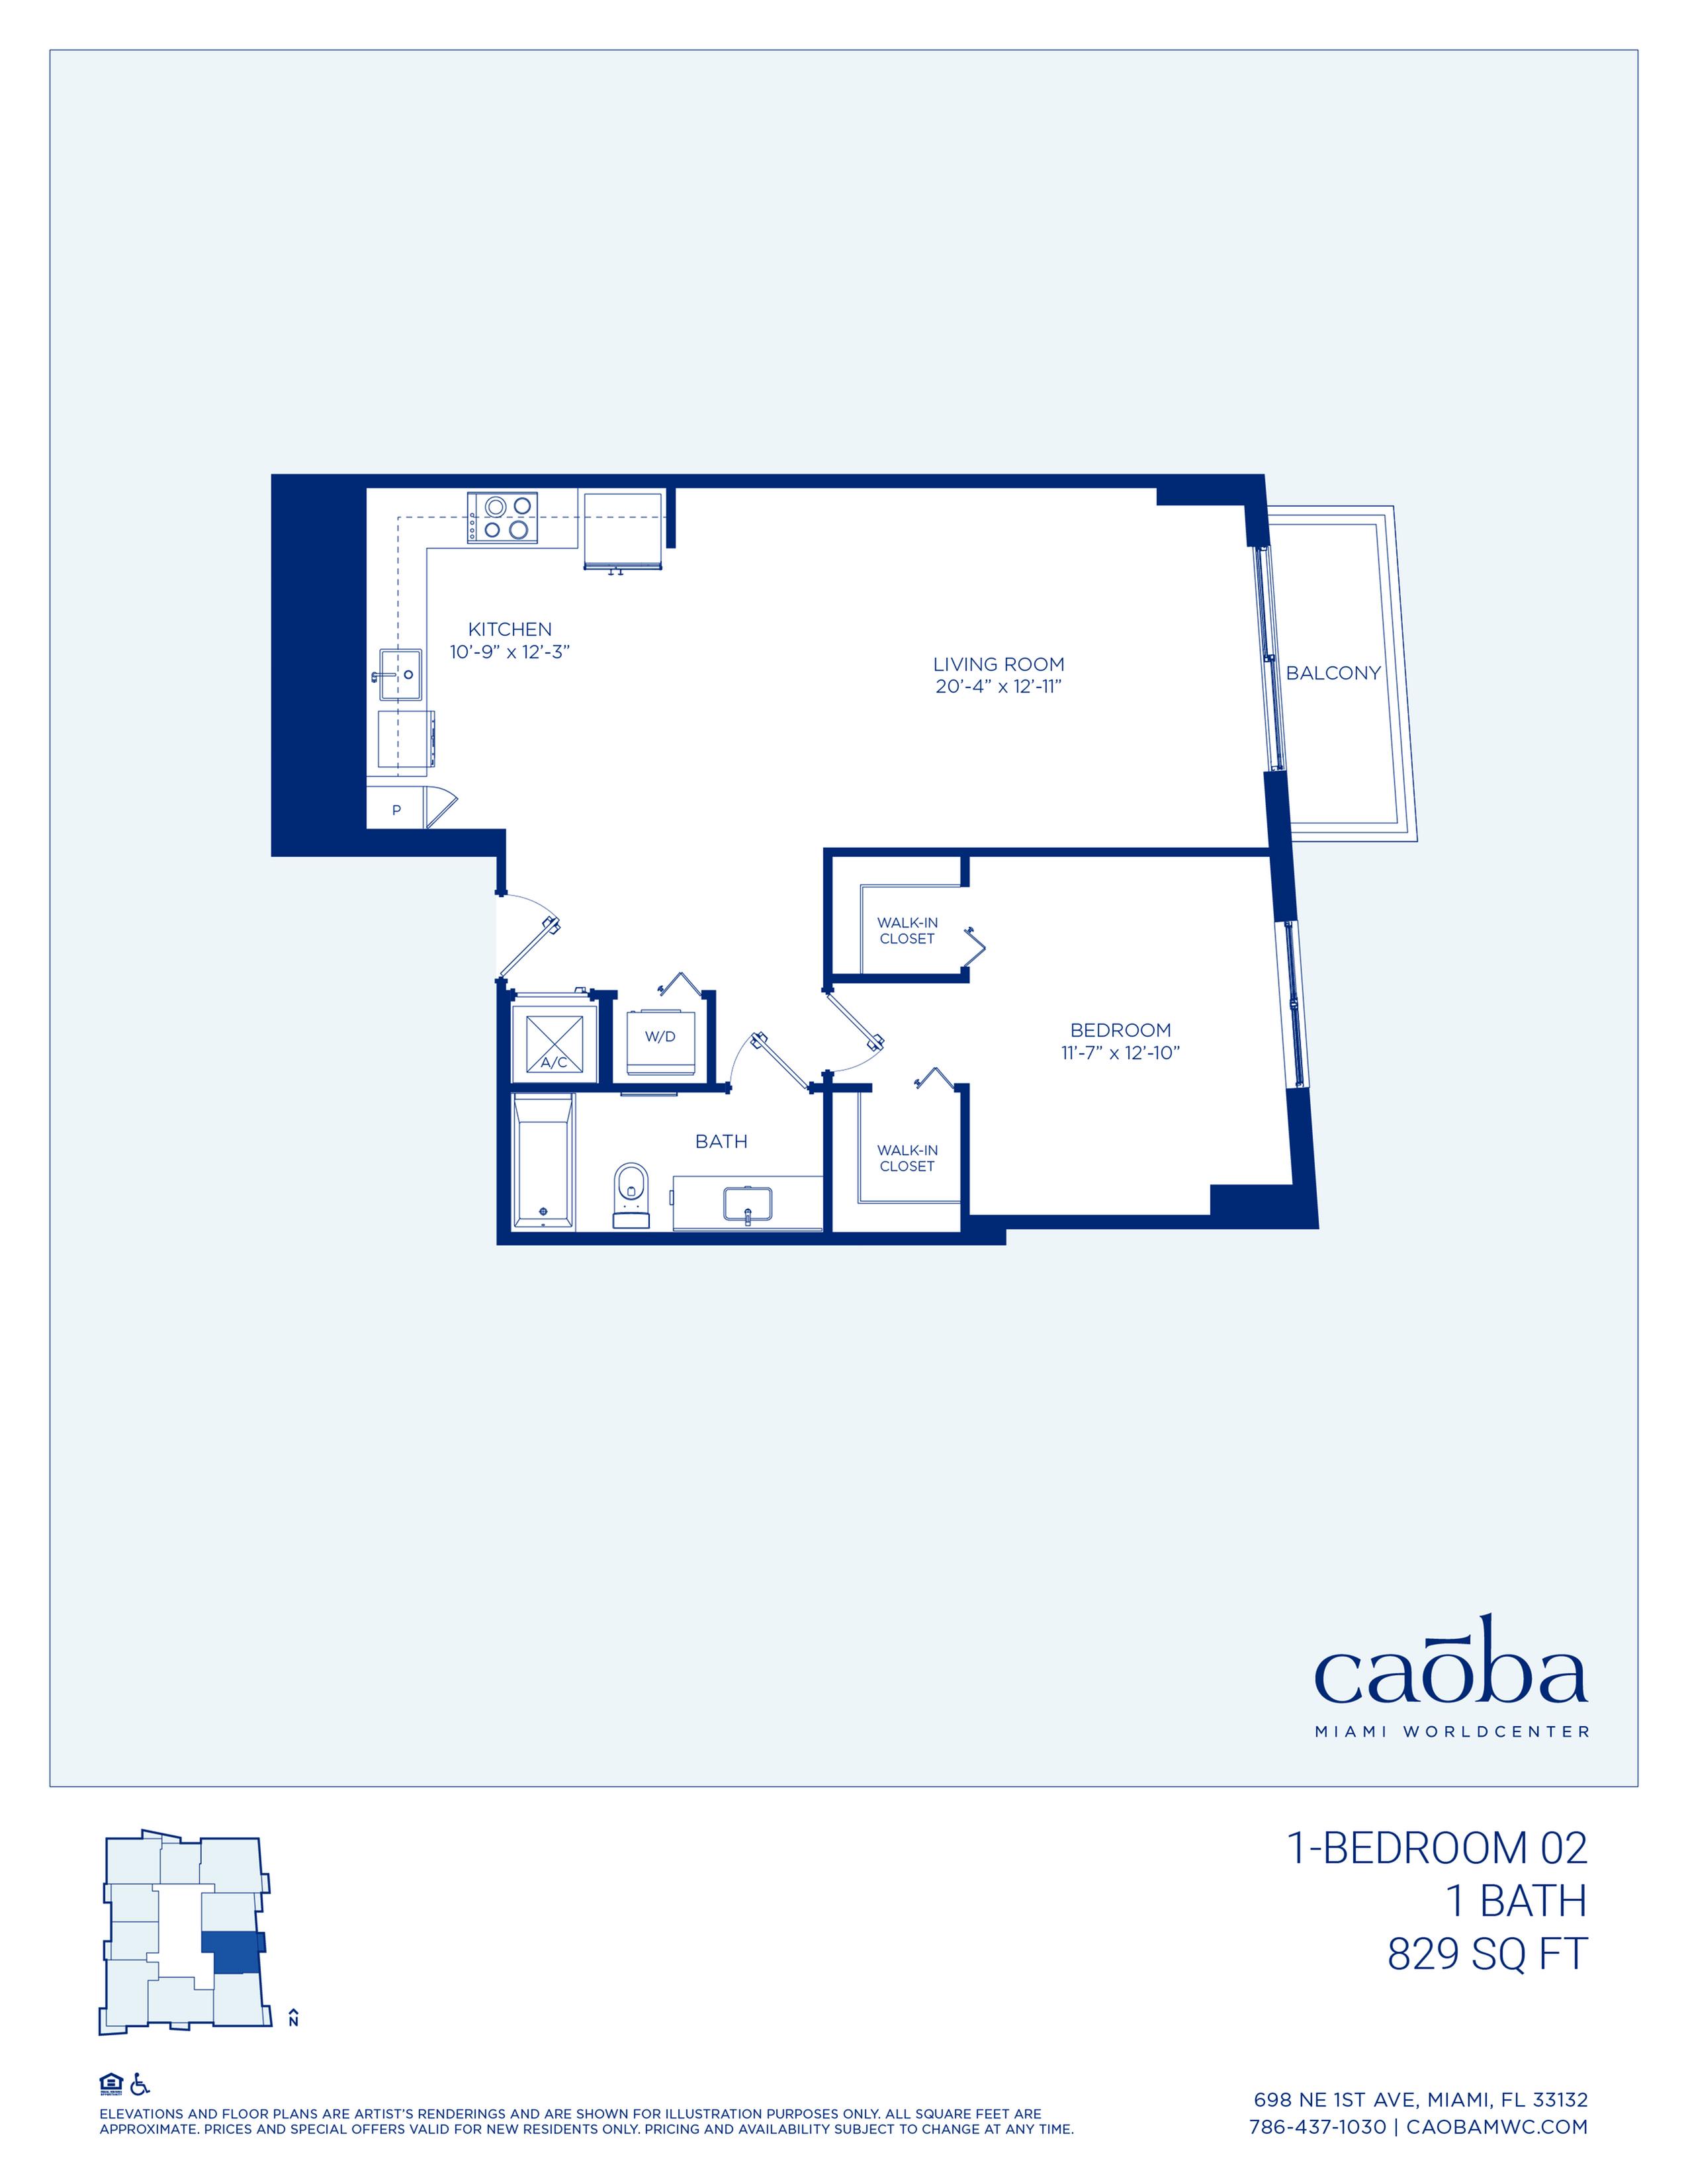 Miami Caoba Floorplan - 1-02